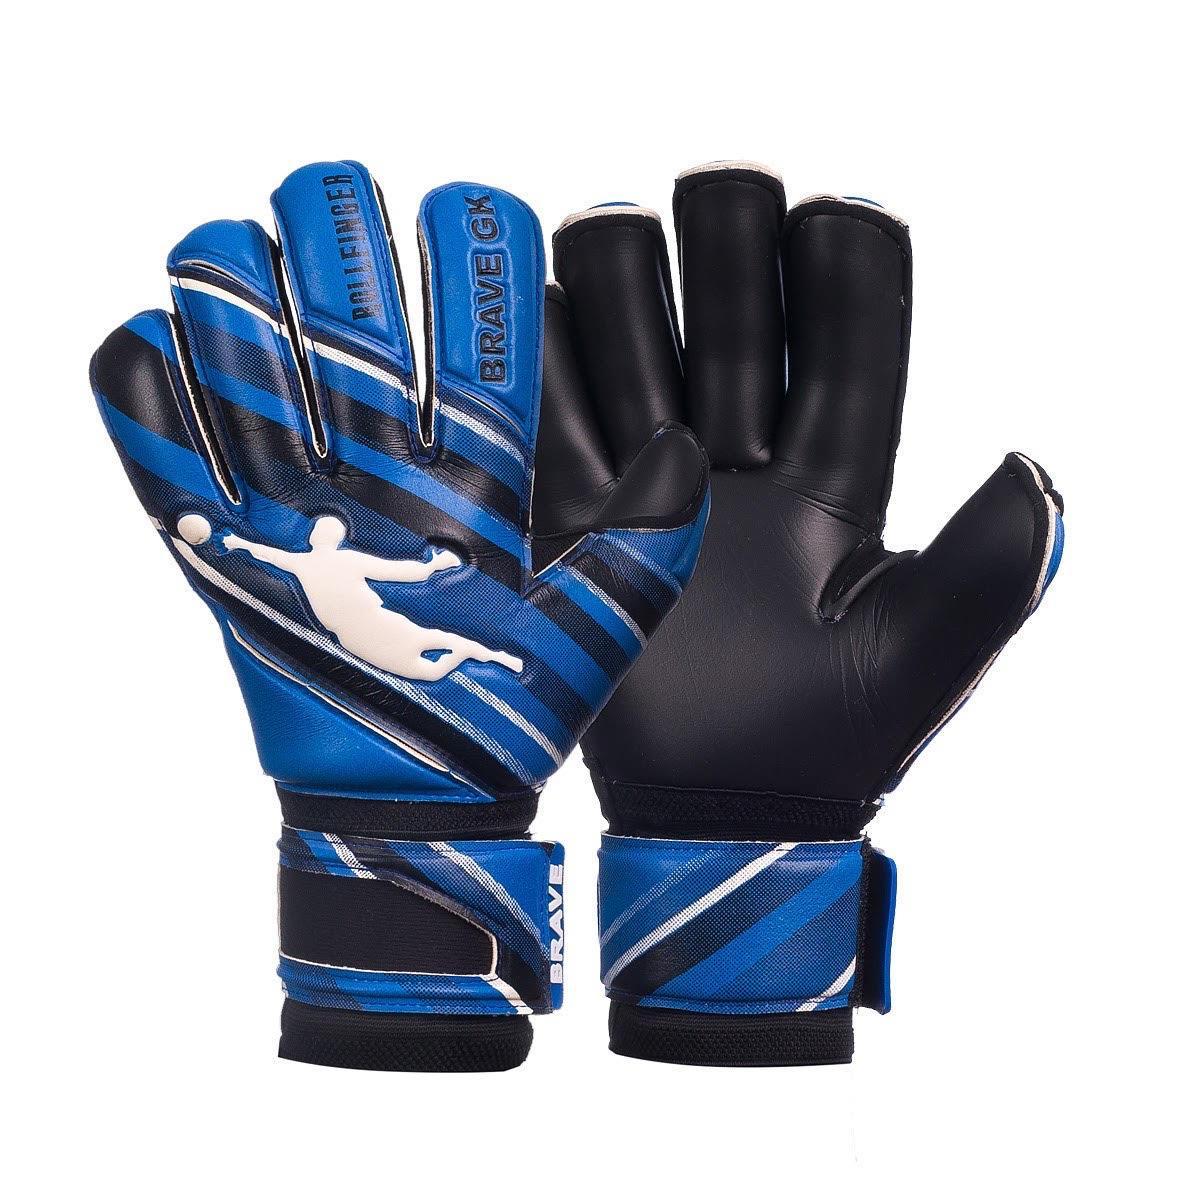 Перчатки вратарские BRAVE GK PHANTOME BLACK/BLUE NEW